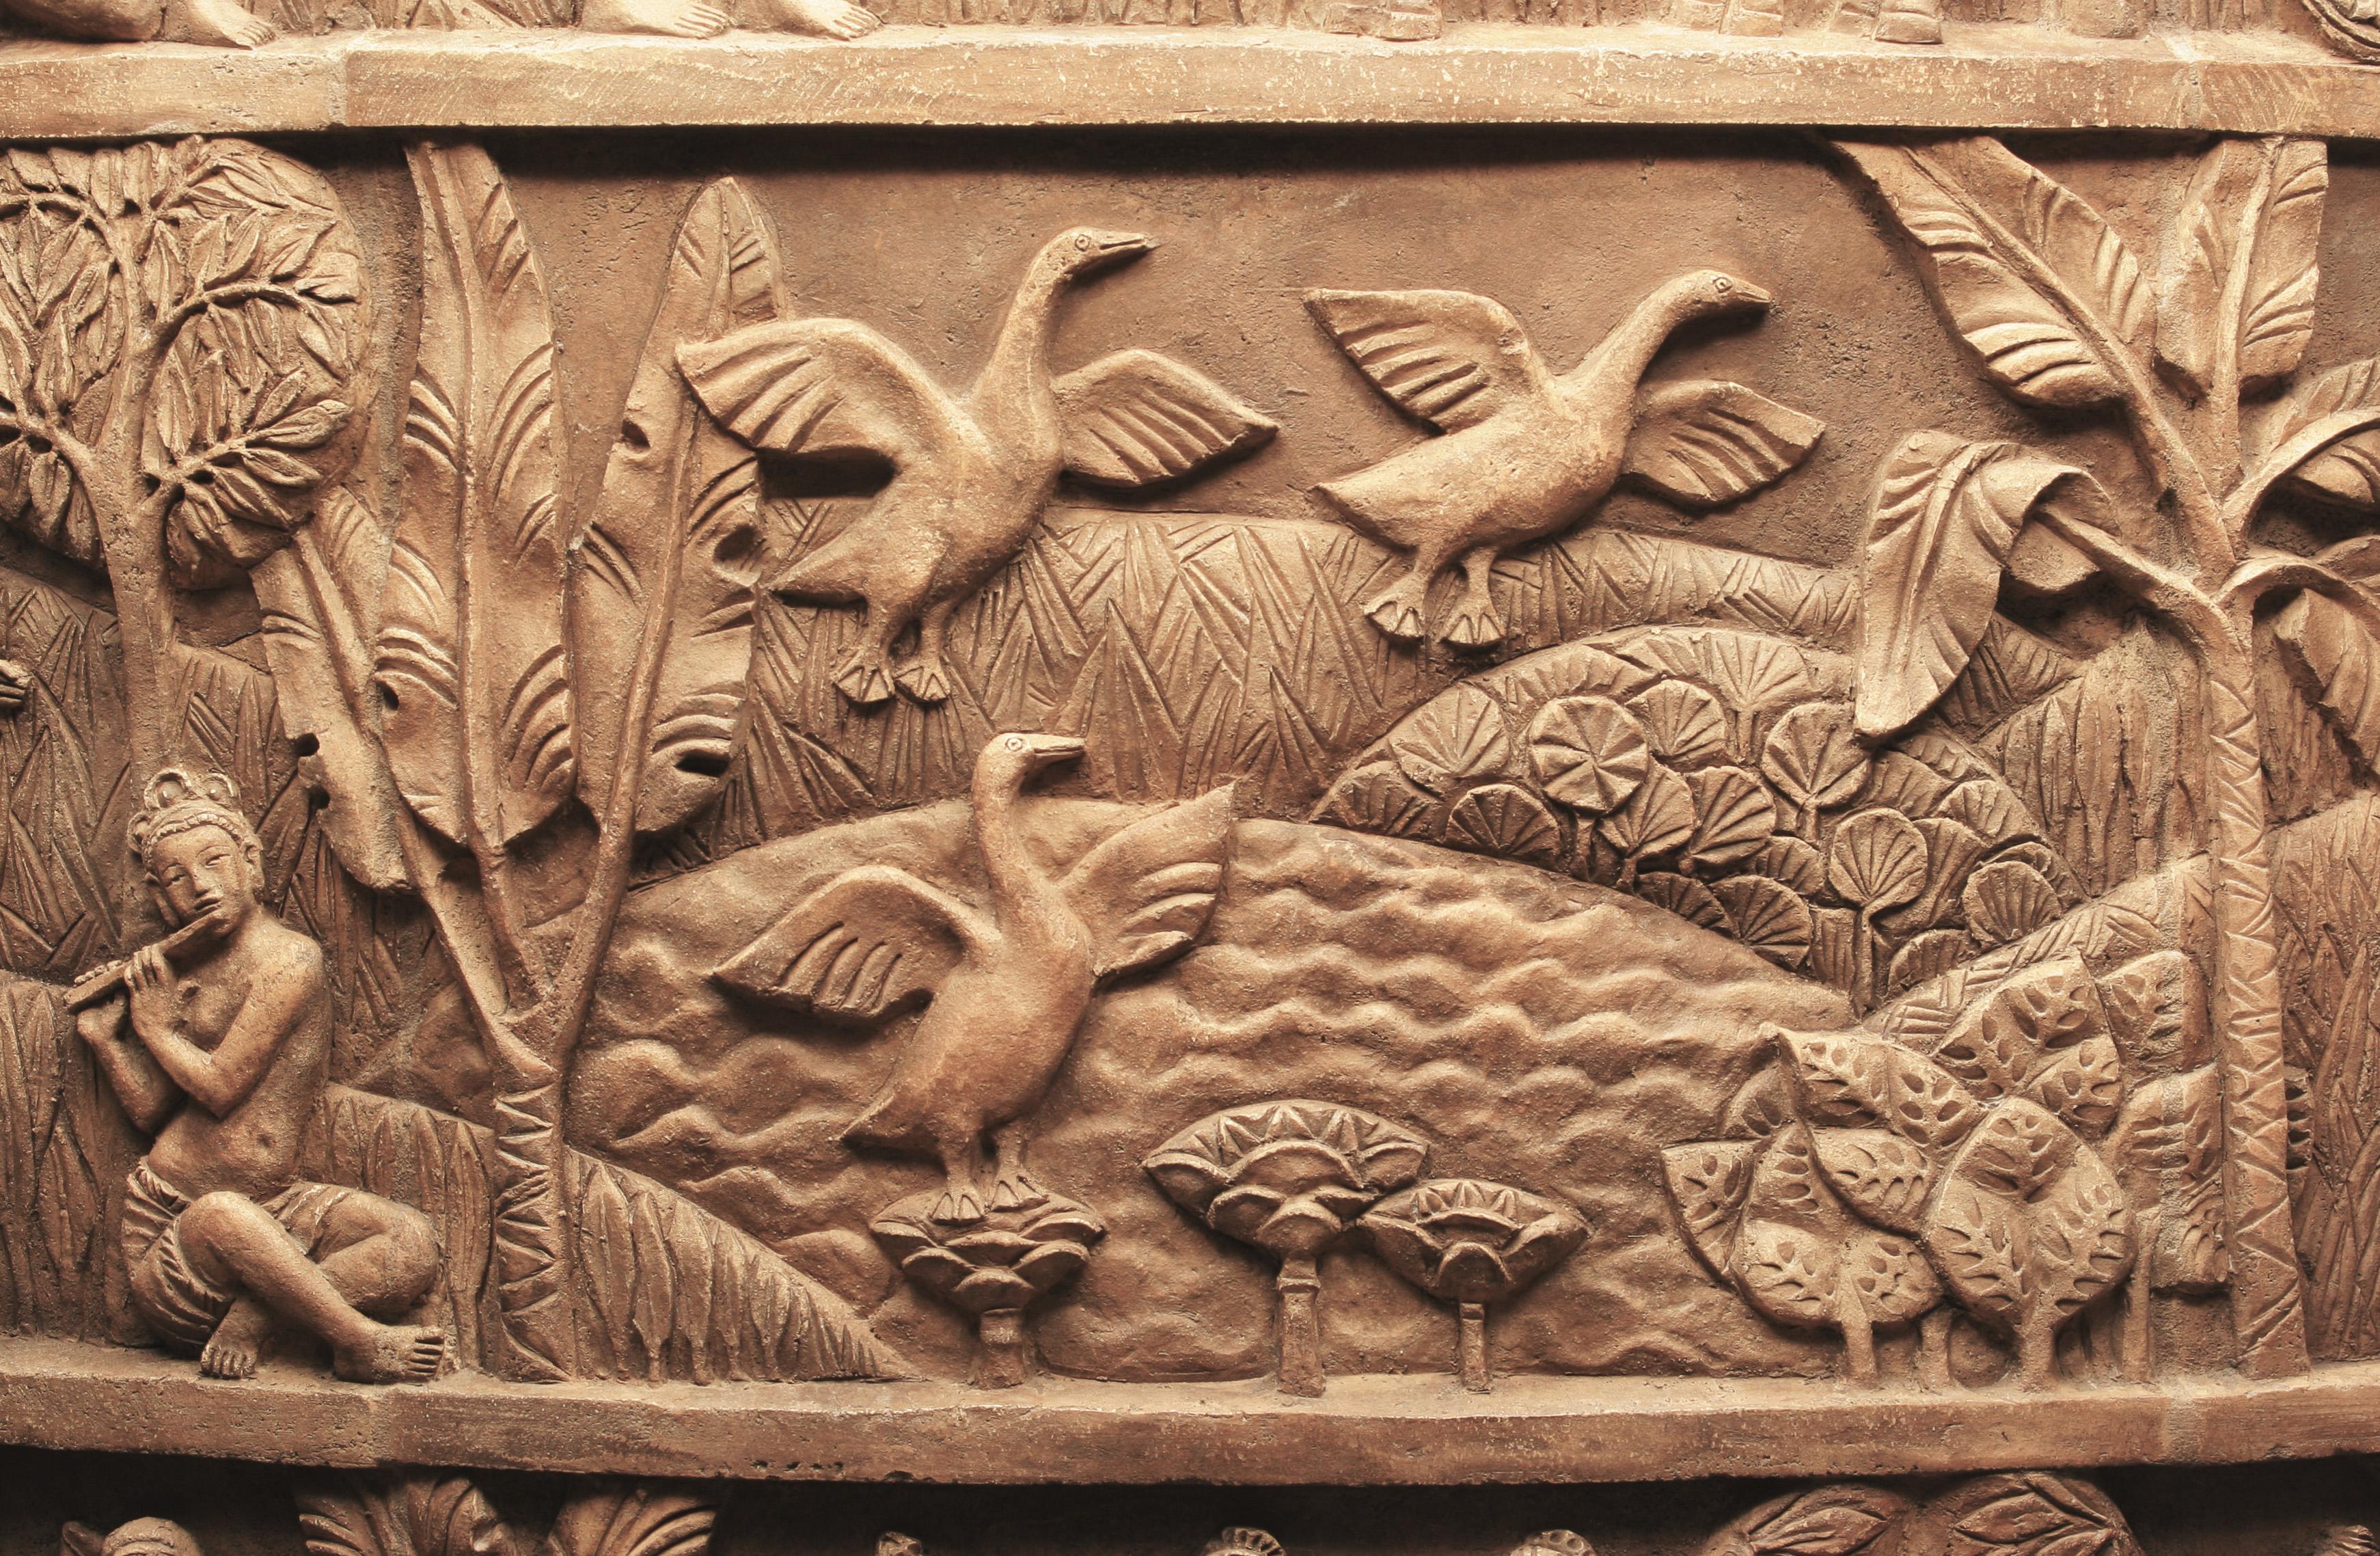 Камин Бирма- фрагмент. Авторская работа Елены Афти. Материал исполнения шамотная глина. Работа выполнена в рамках предприятия Город Богов.